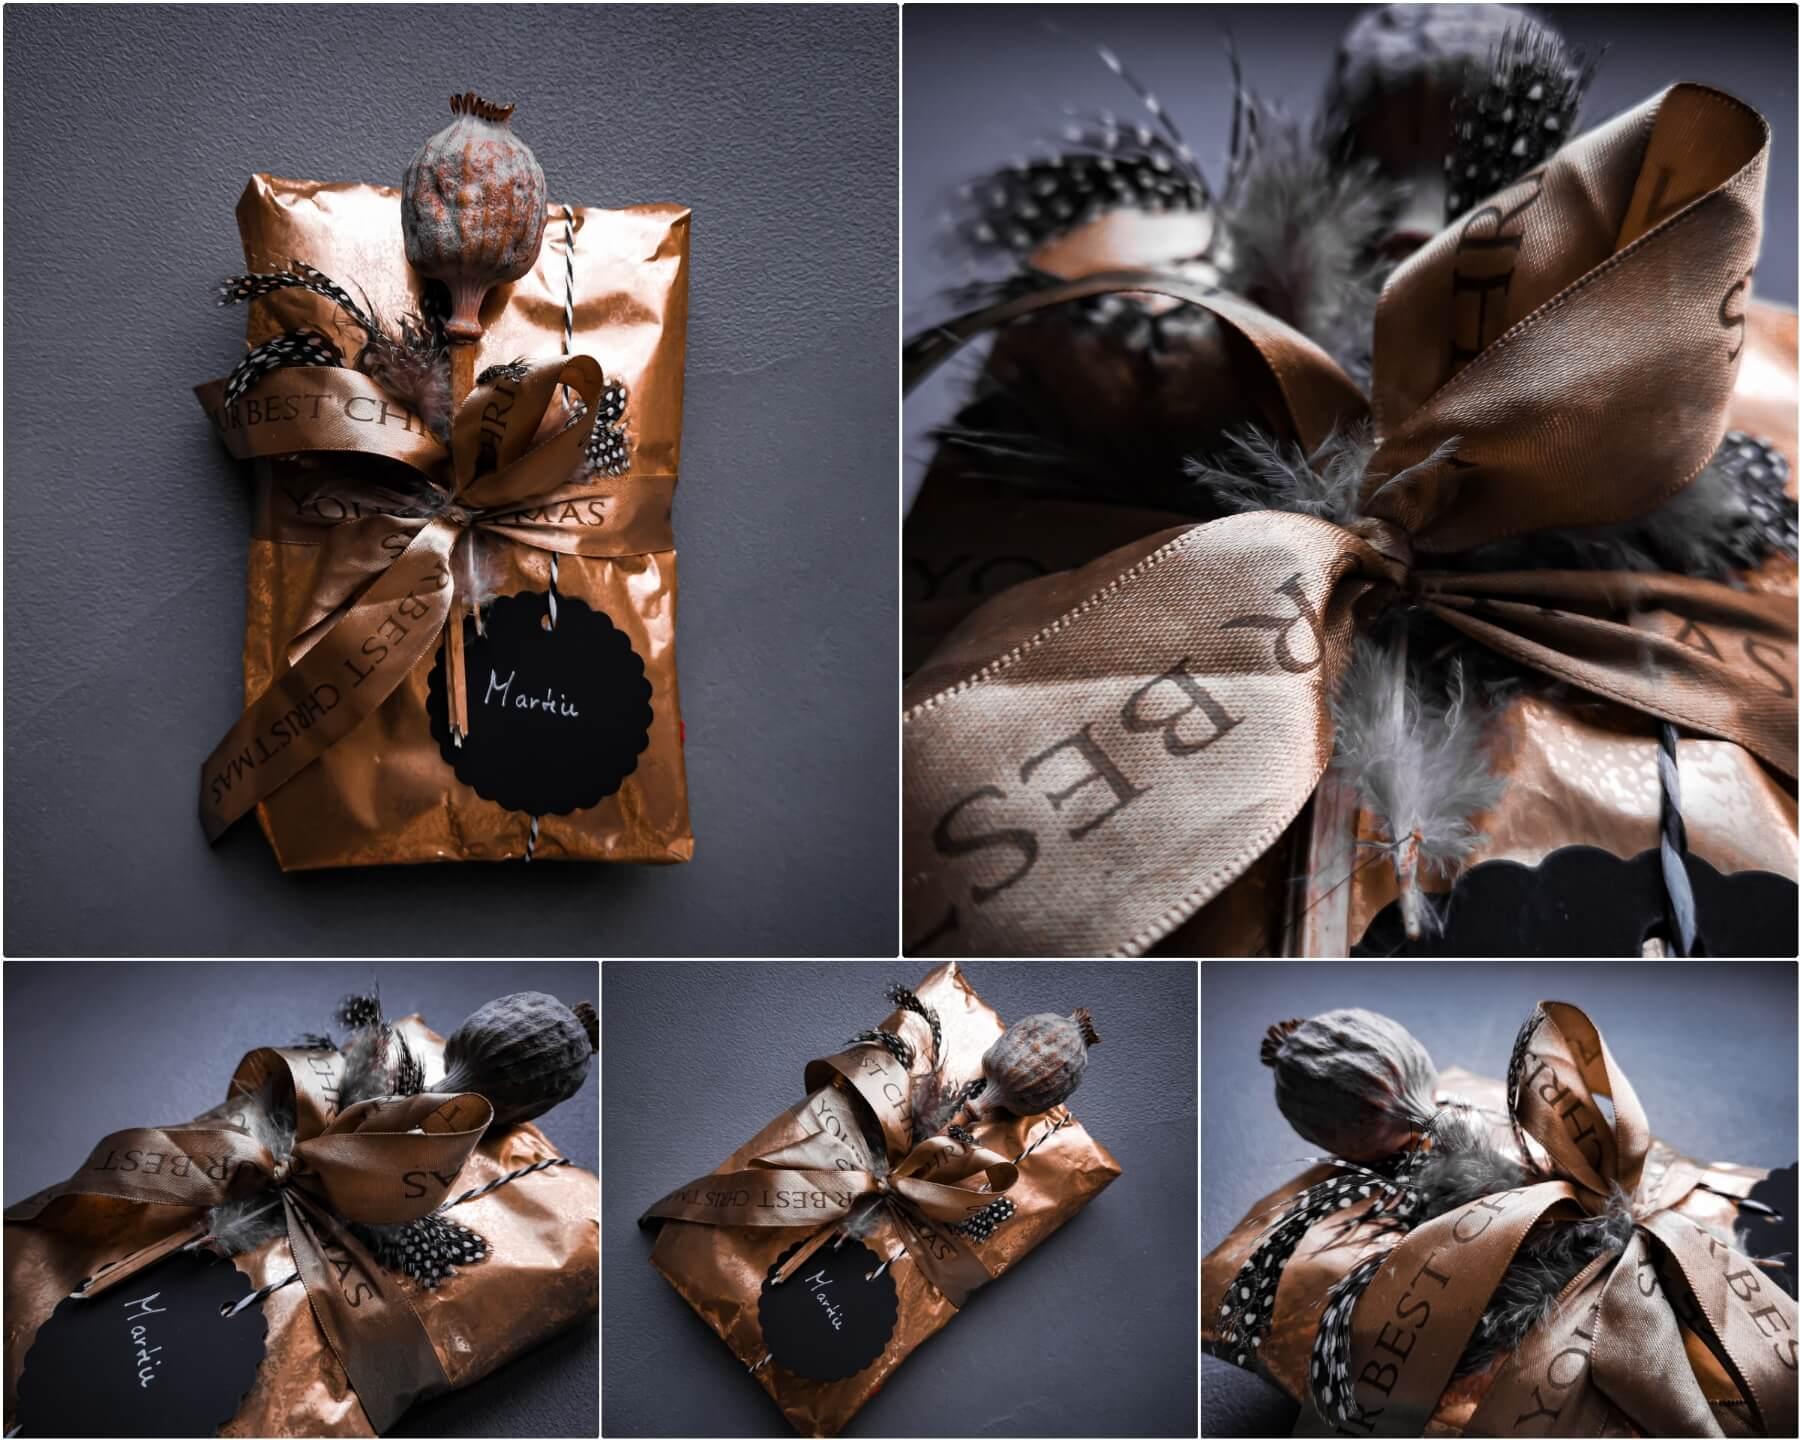 inCollage 20191208 170000406 resized 20191208 050953355 - 11 tipov ako zabaliť vianočné darčeky originálne a kreatívne